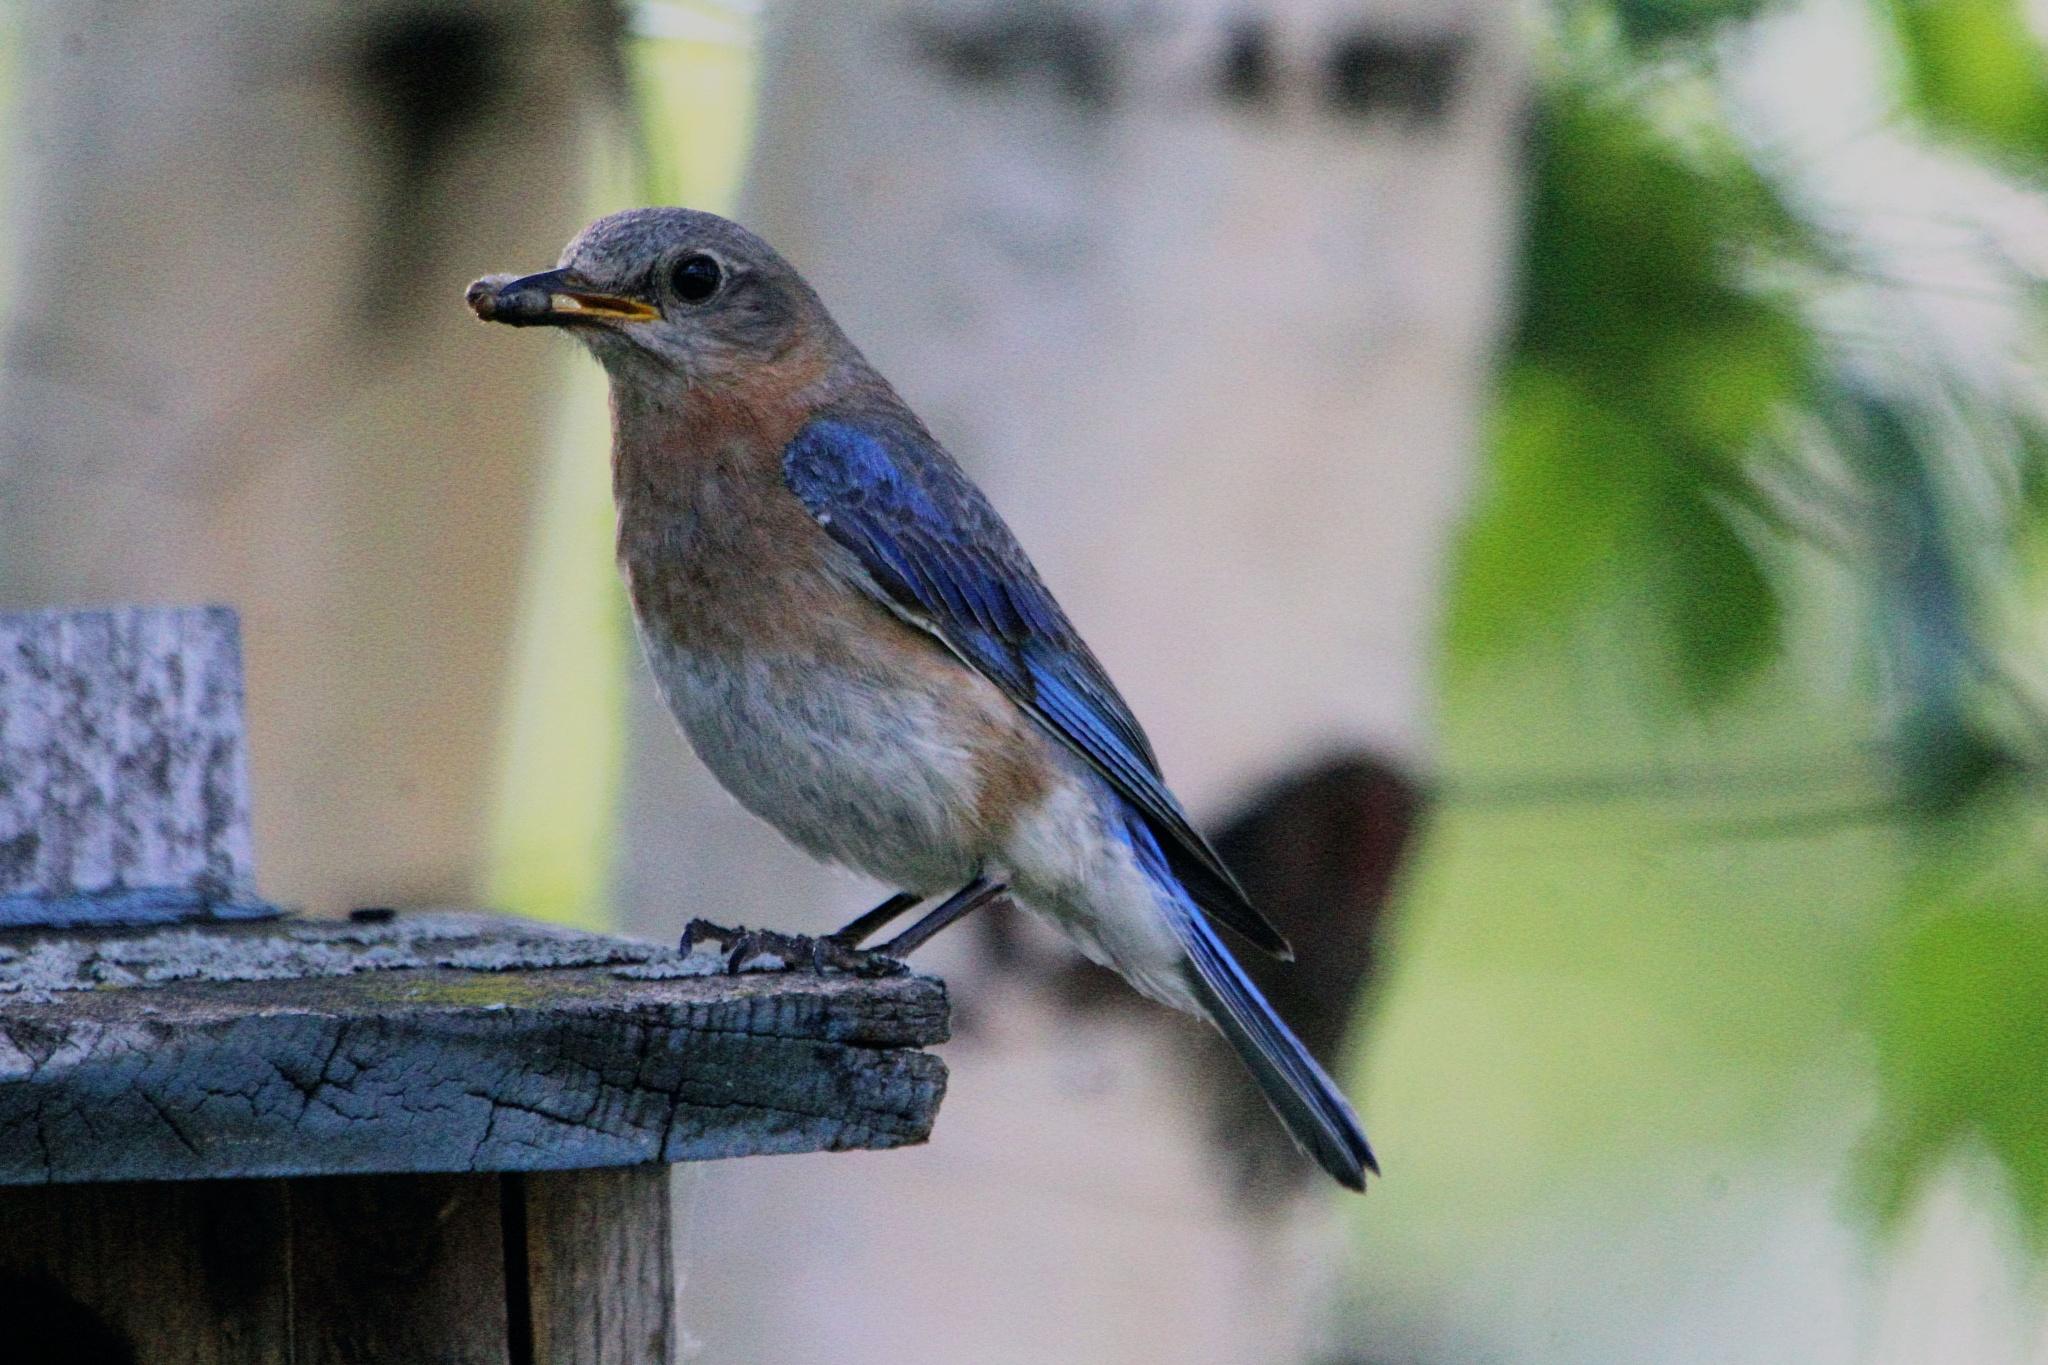 Female Eastern Blue Bird by Matthew Brian Greffe